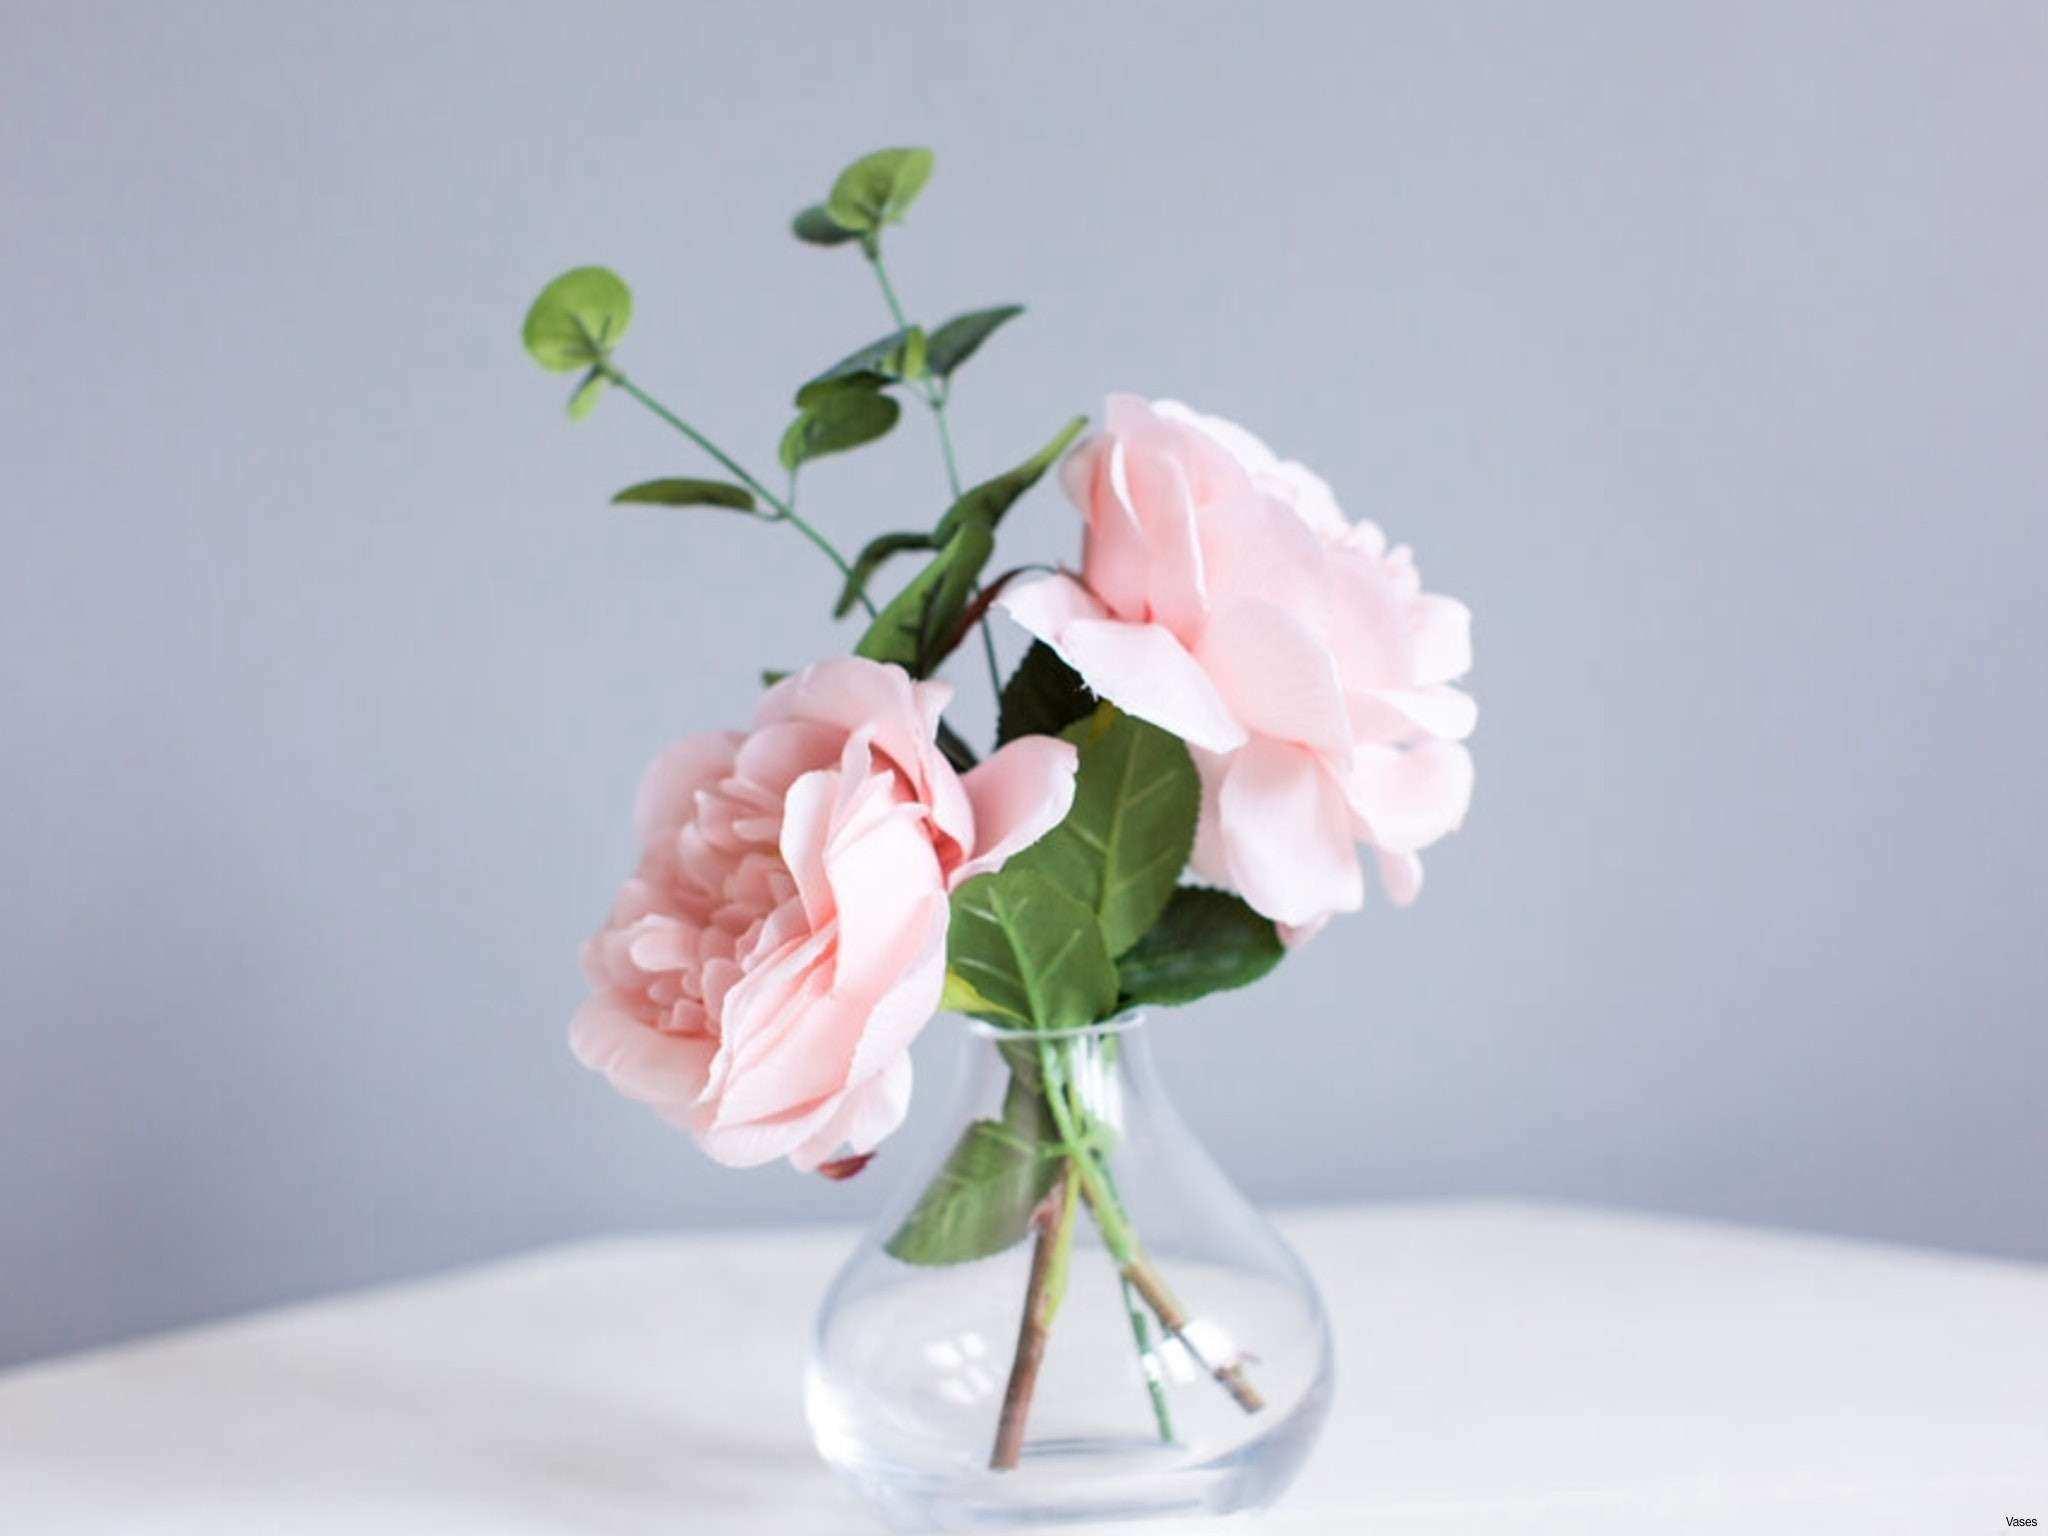 flower vase stand design of lovely flower garden ideas garden ideas regarding h vases bud vase flower arrangements i 0d for inspiration design inspiration flower arrangement